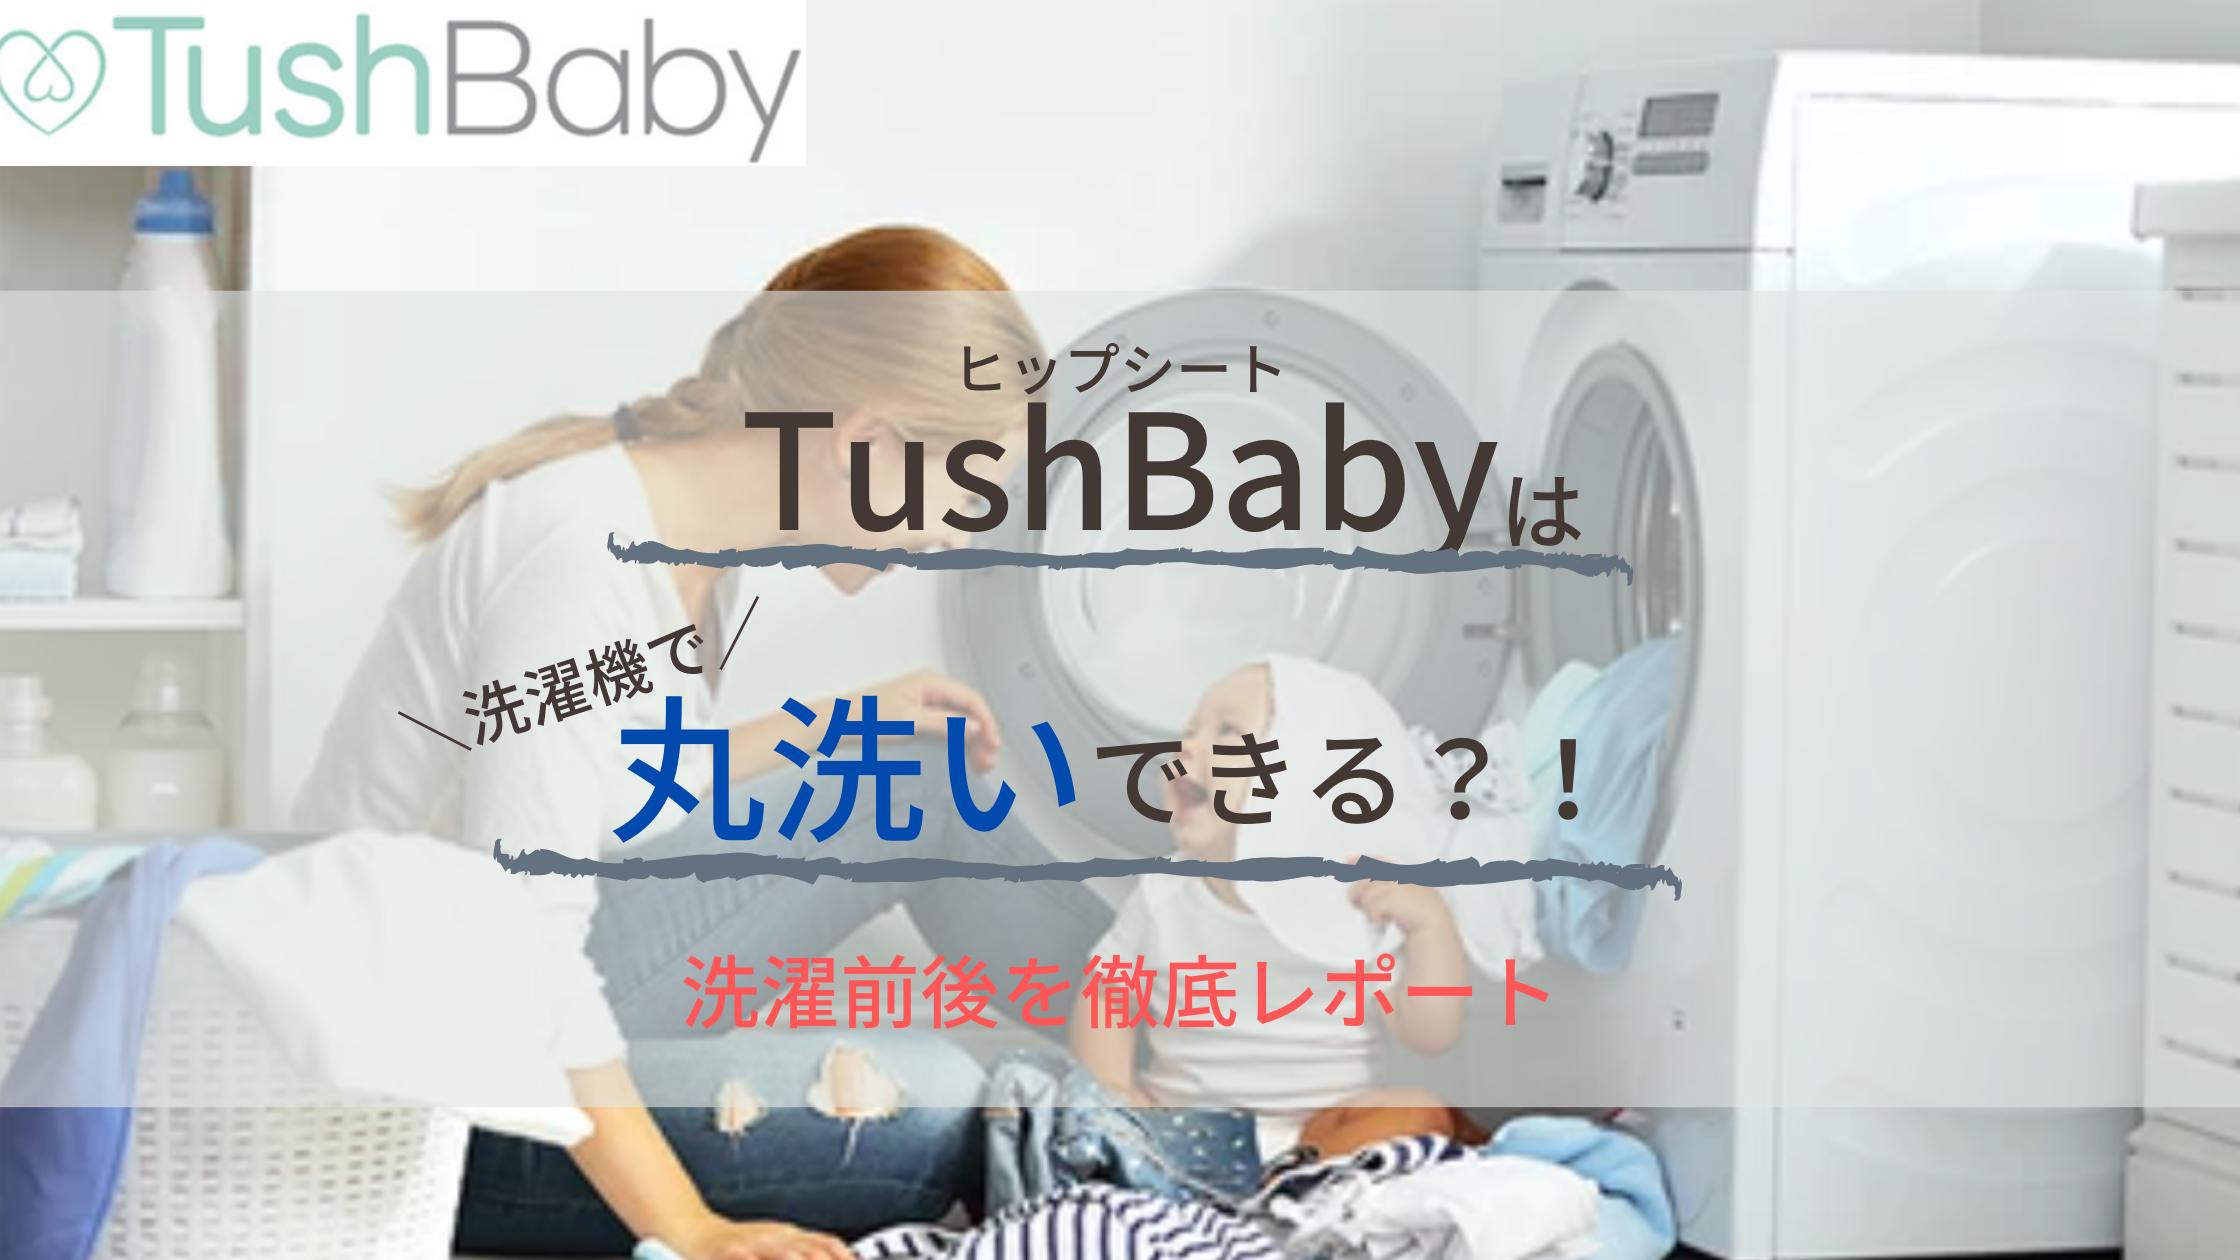 ヒップシート『TushBaby』は本当に洗濯機で丸洗いできる?!洗濯前後を徹底レポート